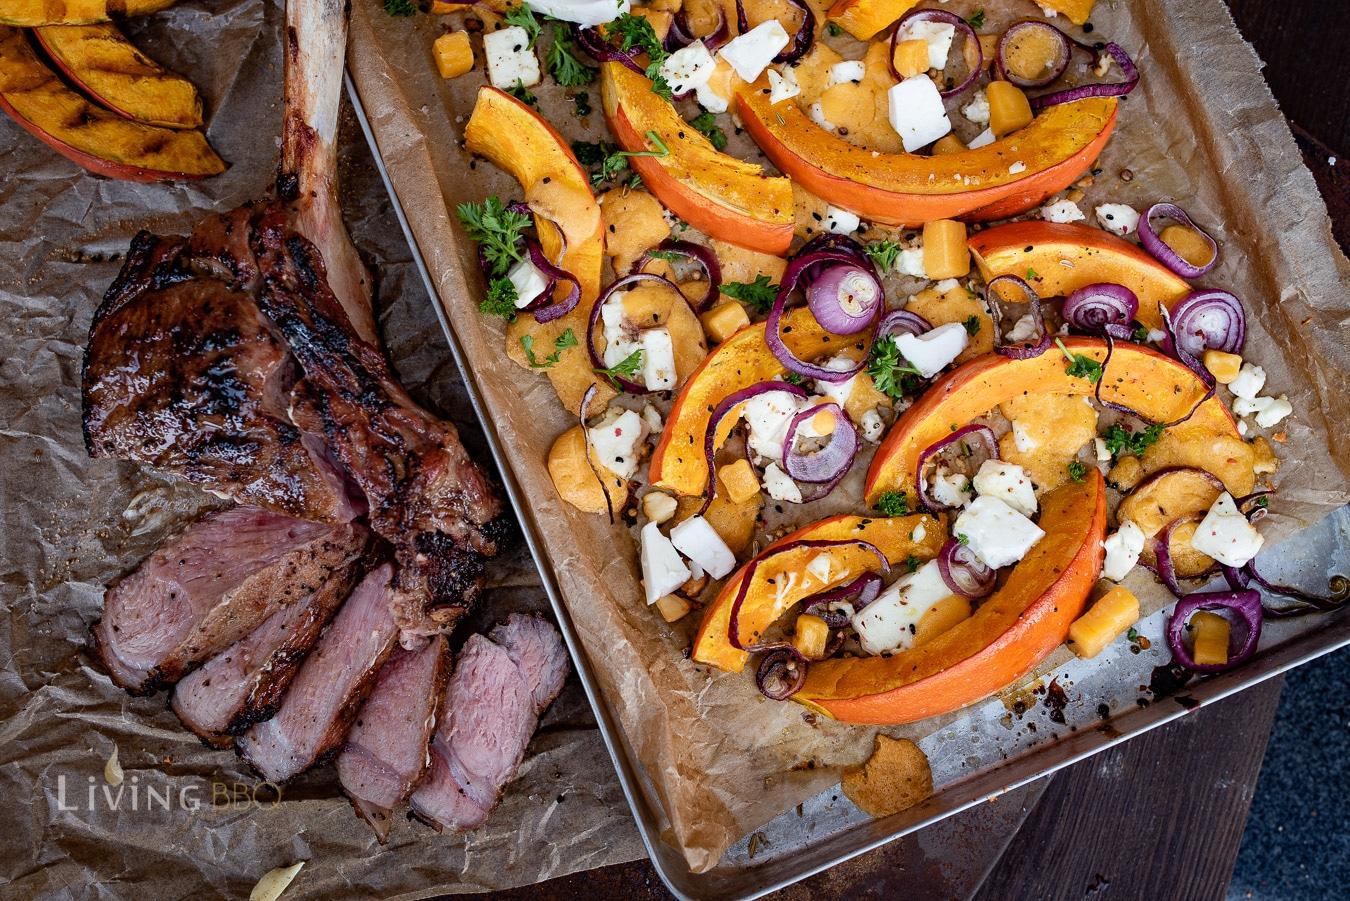 Ofenkürbis mit Feta und Kalbs-Tomahawk Steak